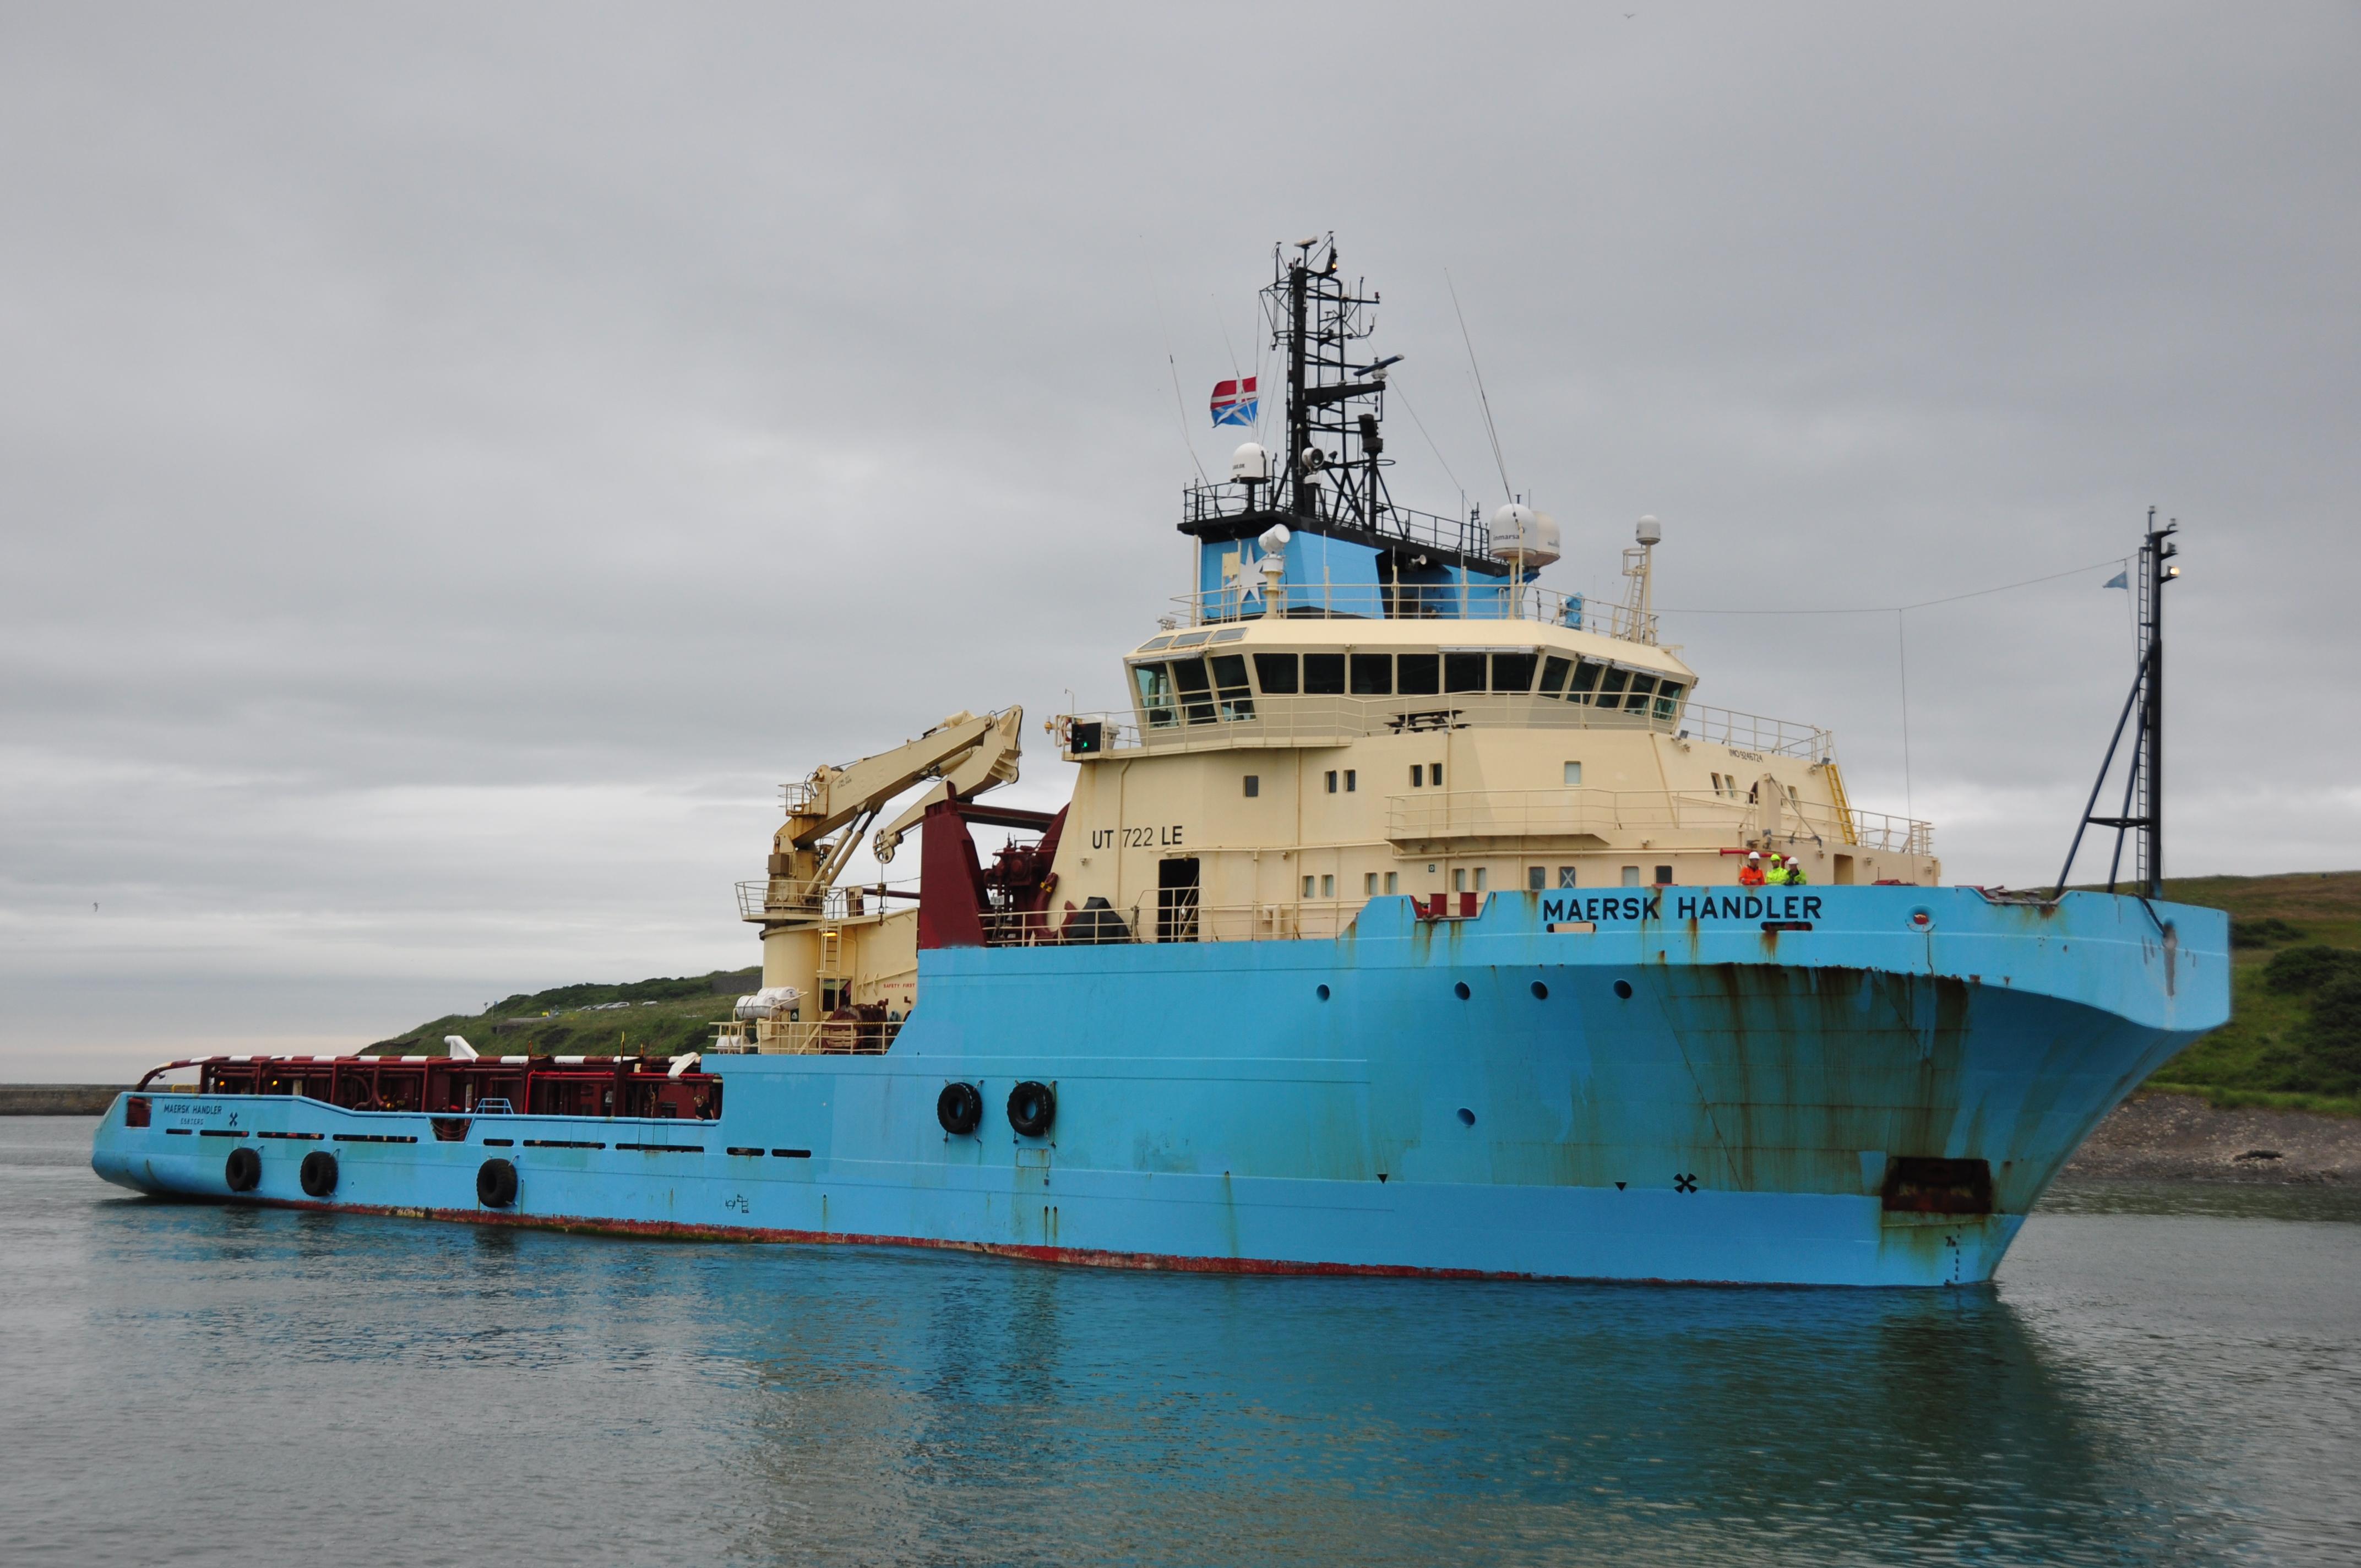 MaerskHandler.jpg